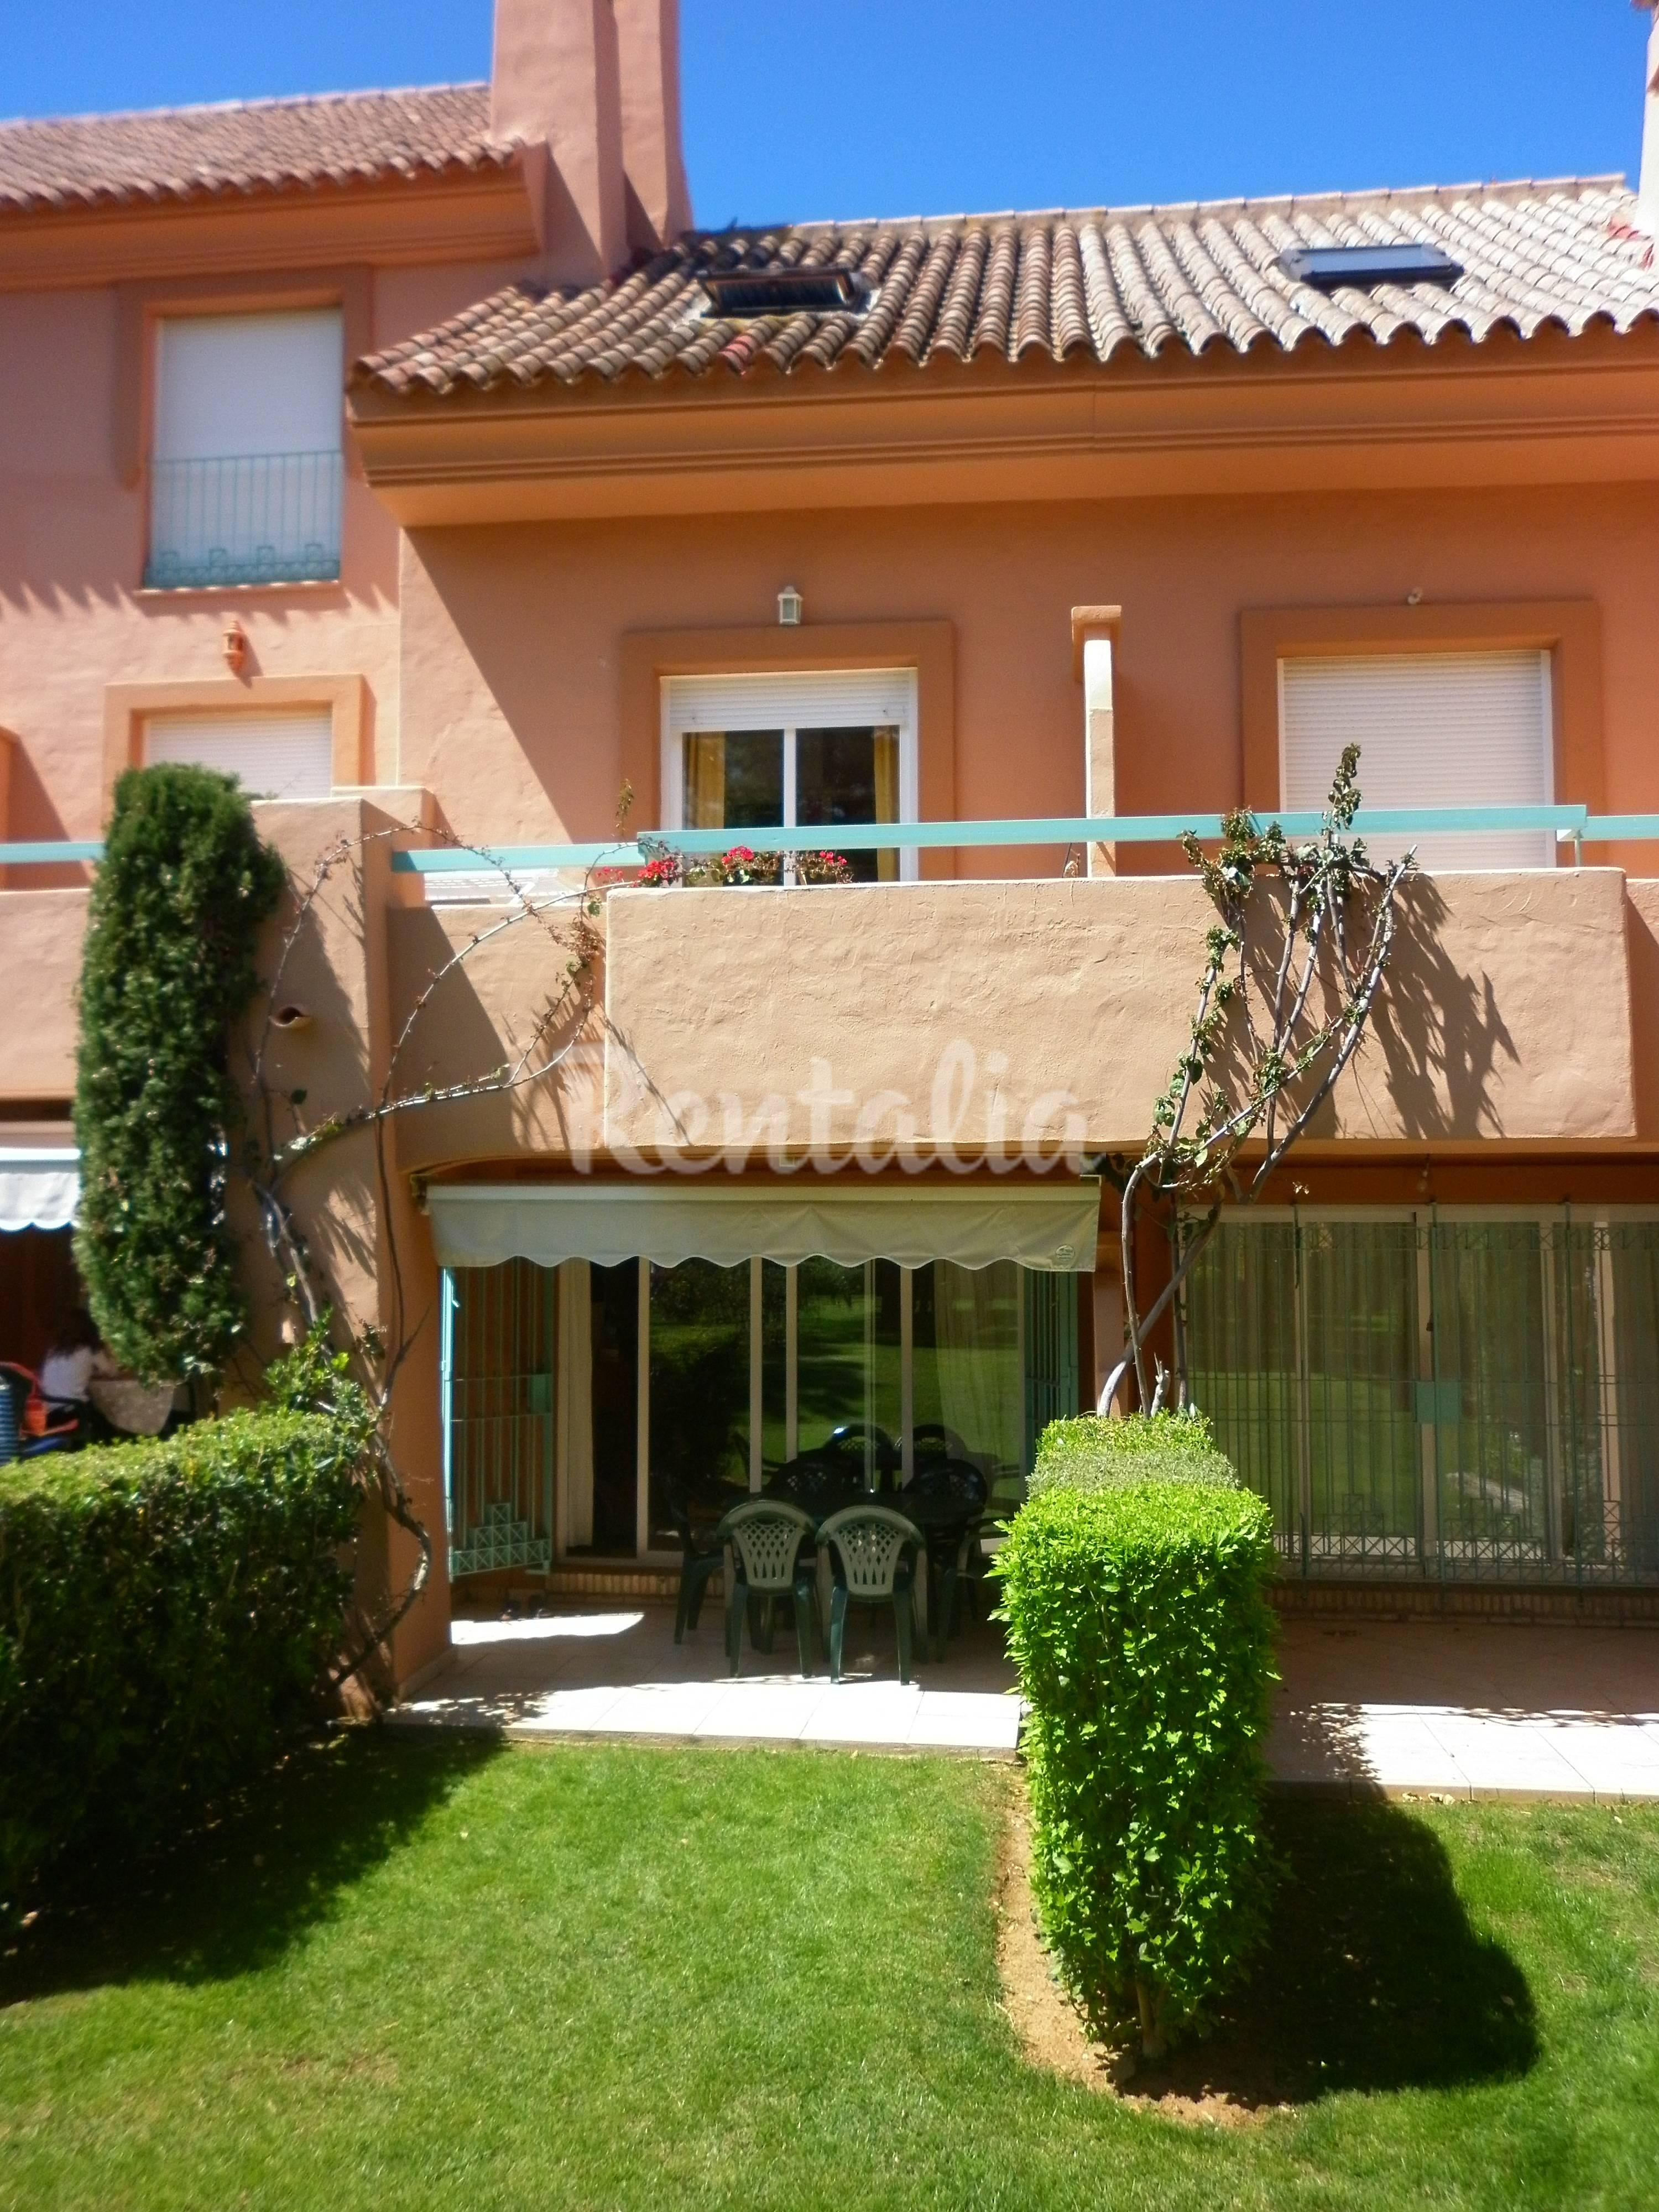 Casa en alquiler a 800 m de la playa islantilla lepe - Rentalia islantilla ...